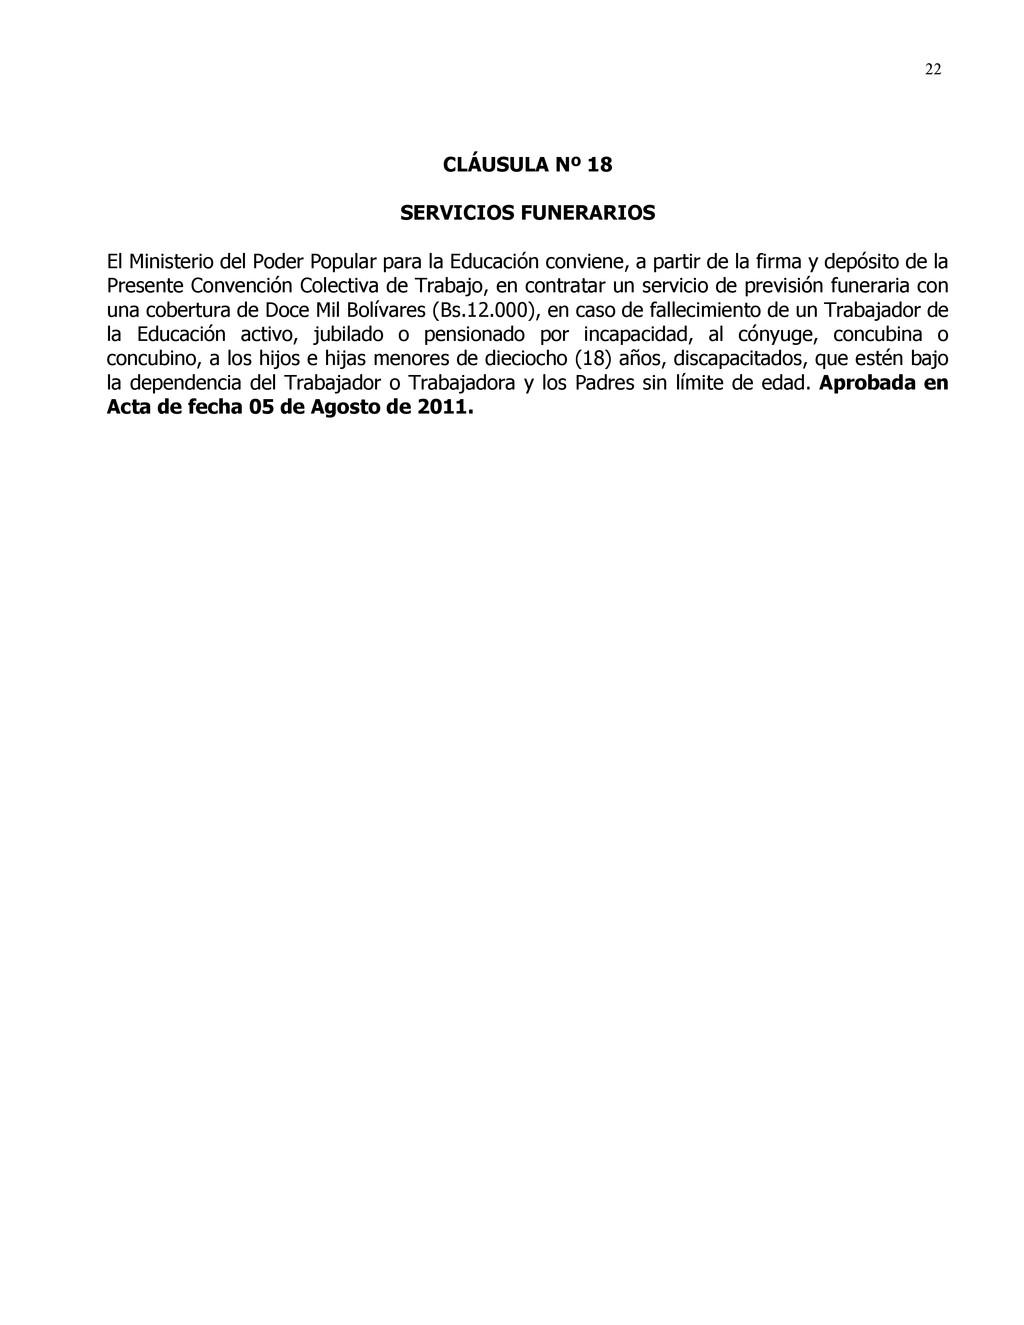 22 CLÁUSULA Nº 18 SERVICIOS FUNERARIOS El Minis...